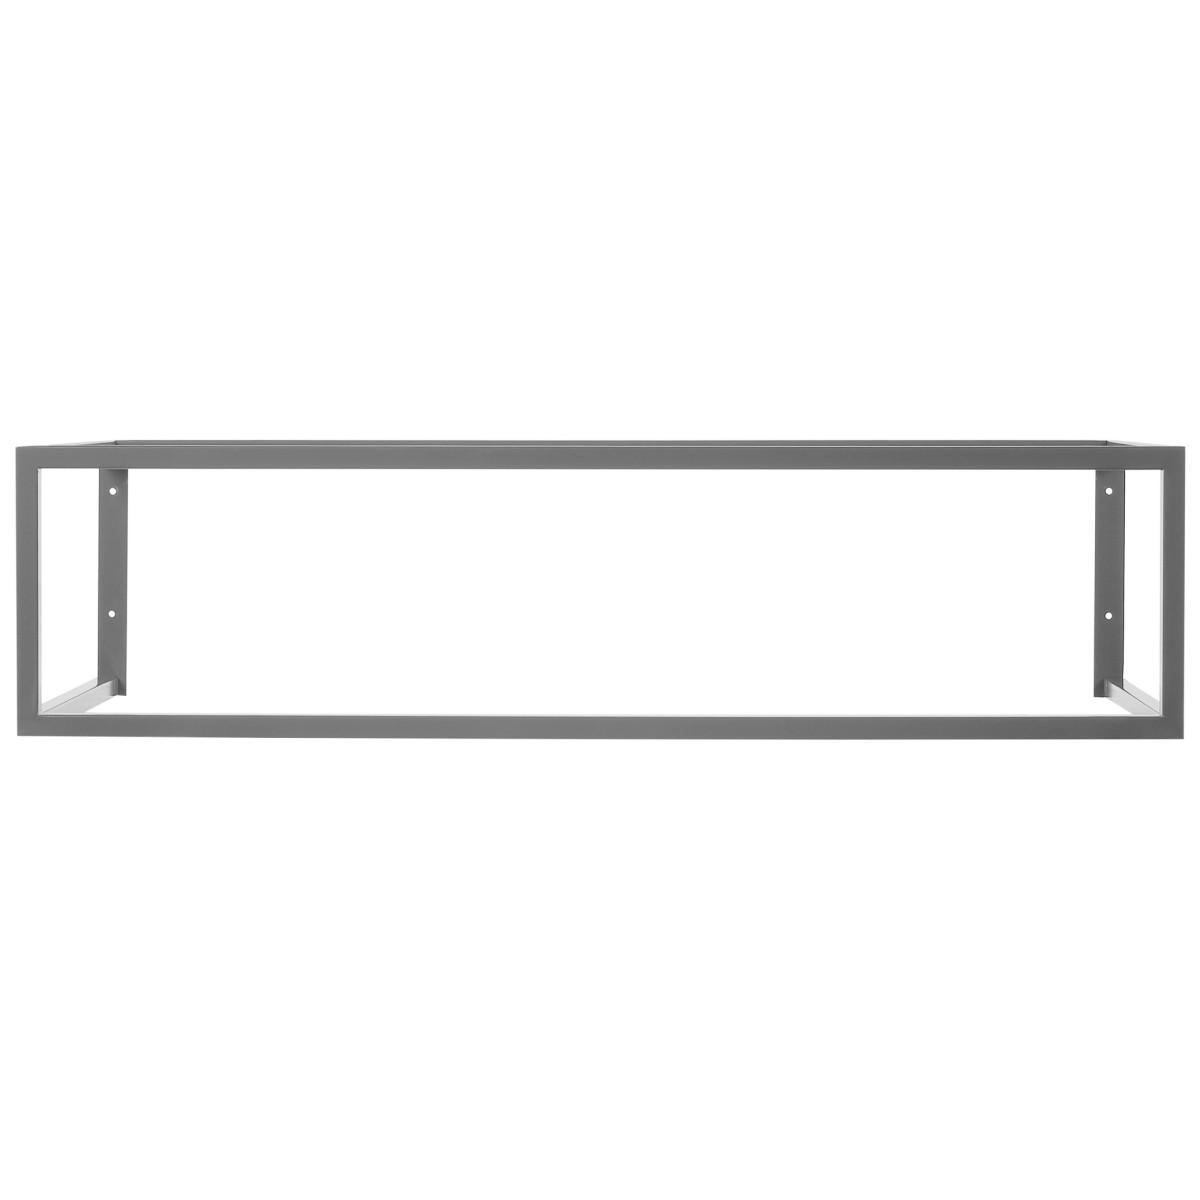 Кронейн Подвесной Для Столешницы 995Х450Х250 Цвет Серый